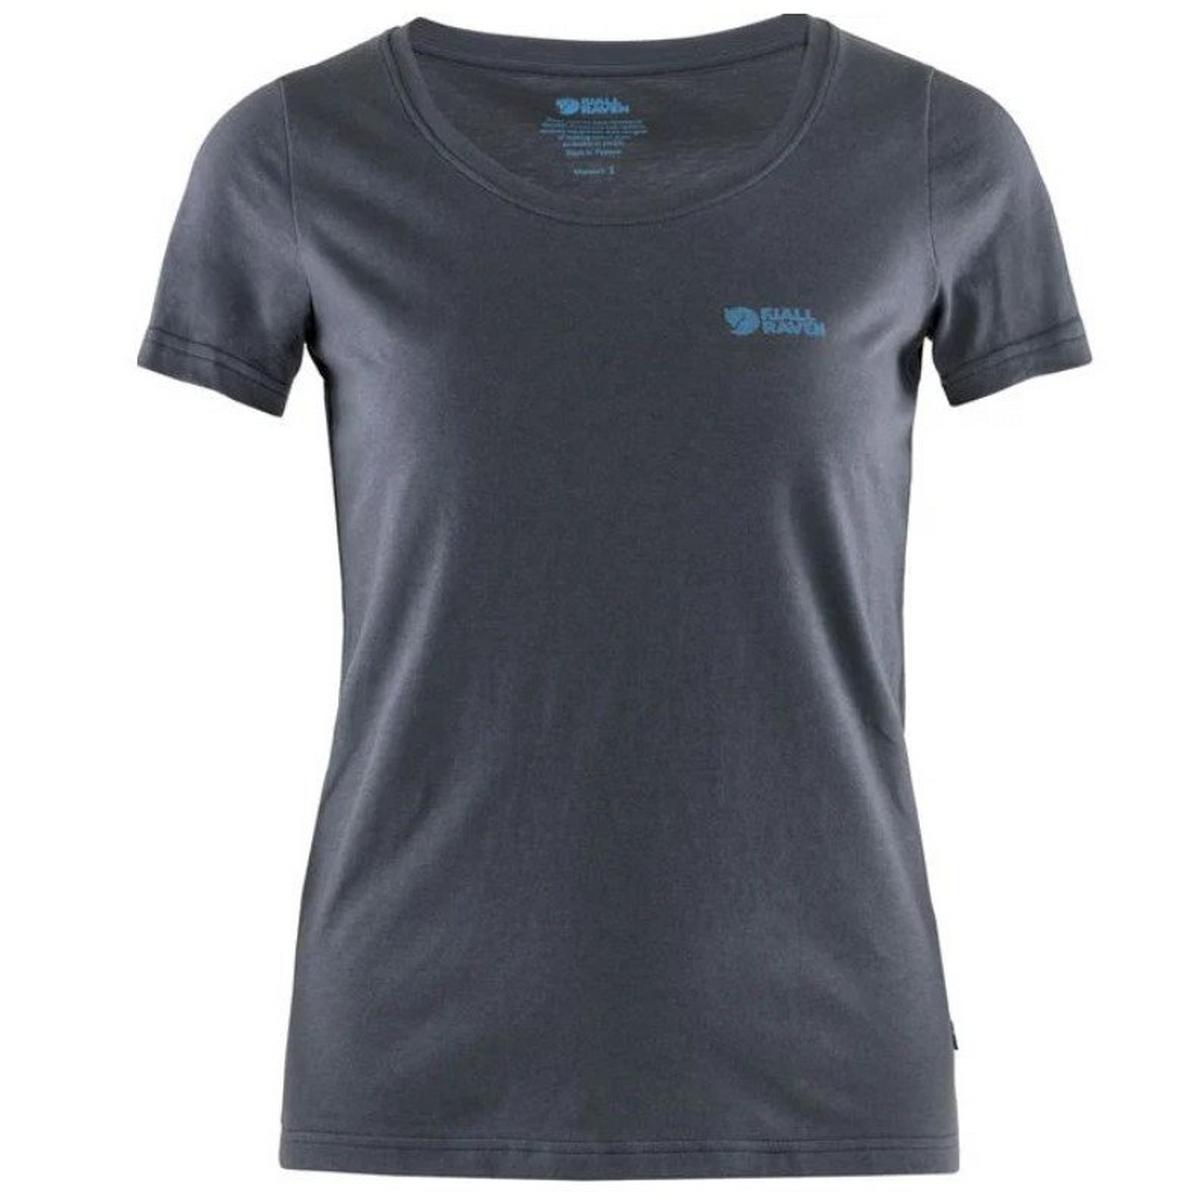 Fjallraven Women's Fjallraven Logo T Shirt - Navy